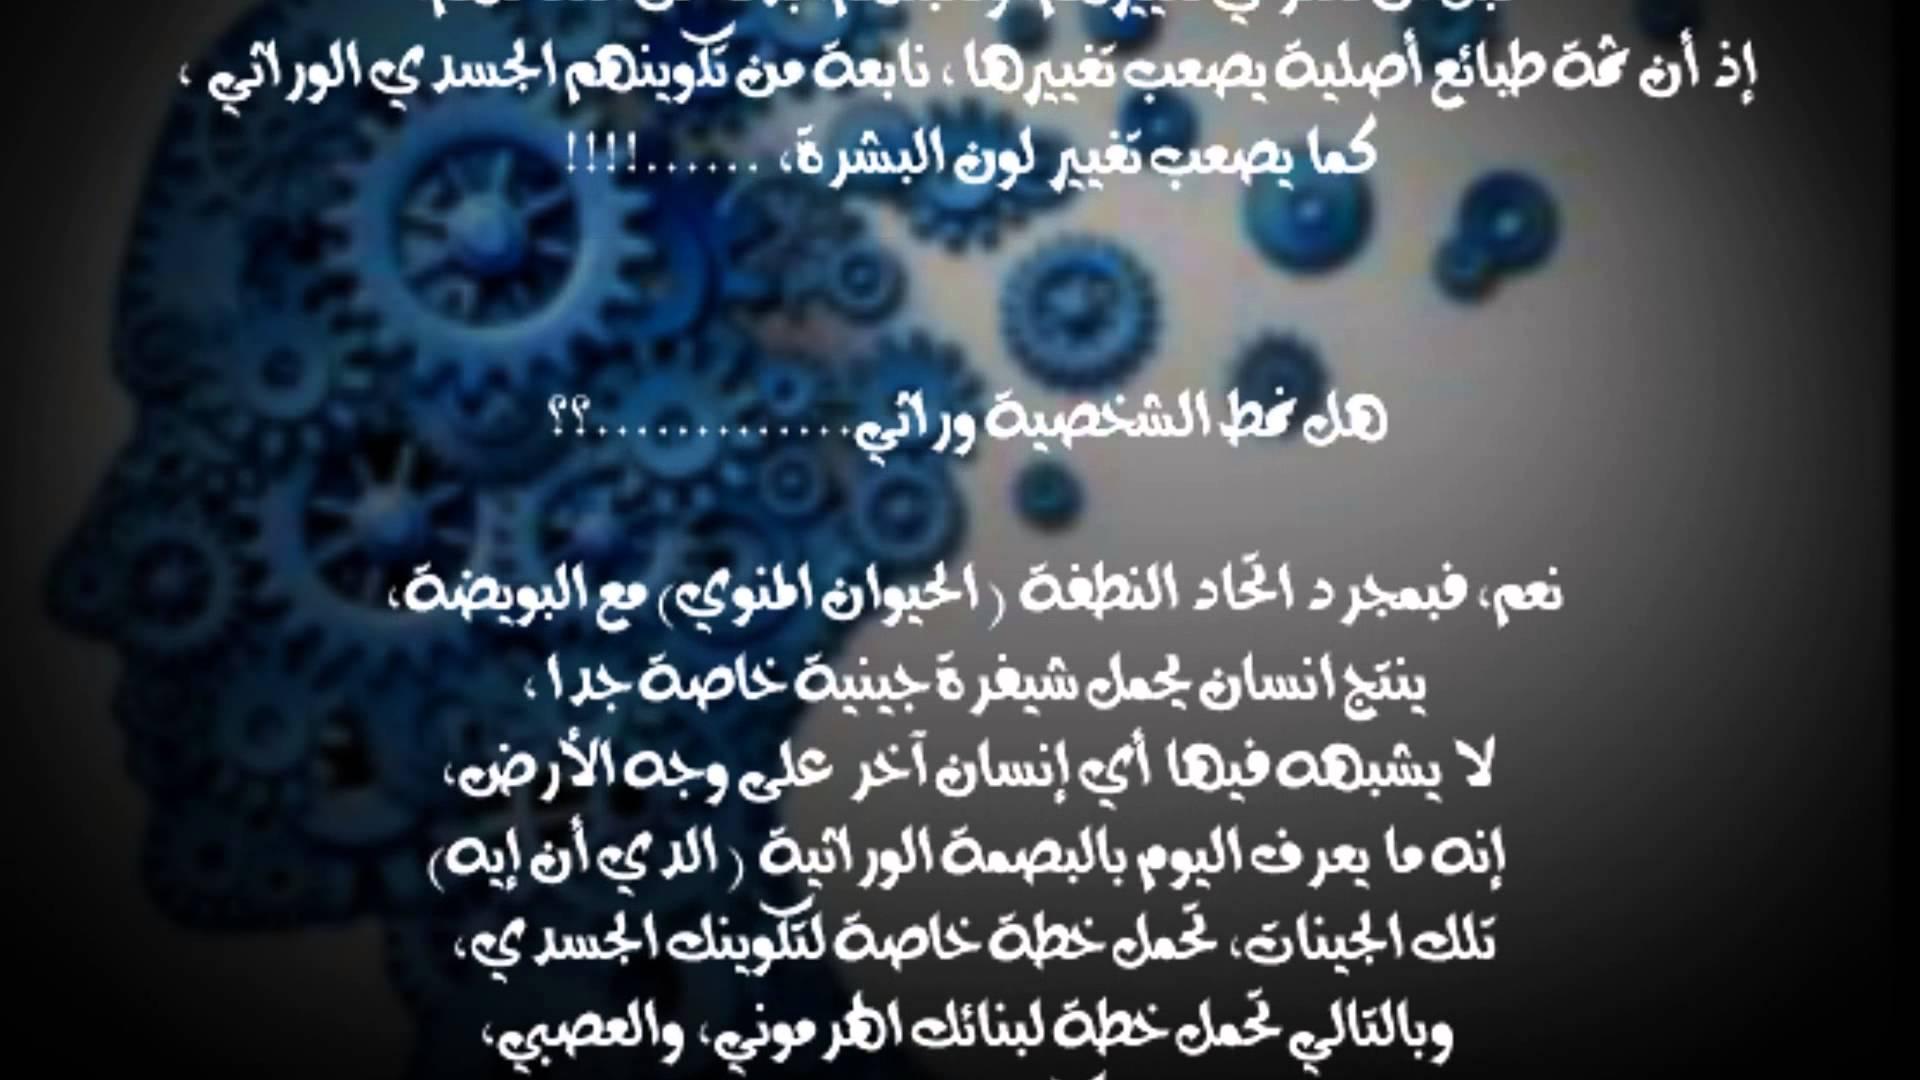 صوره المستشارة ناعمة الهاشمي نصائح